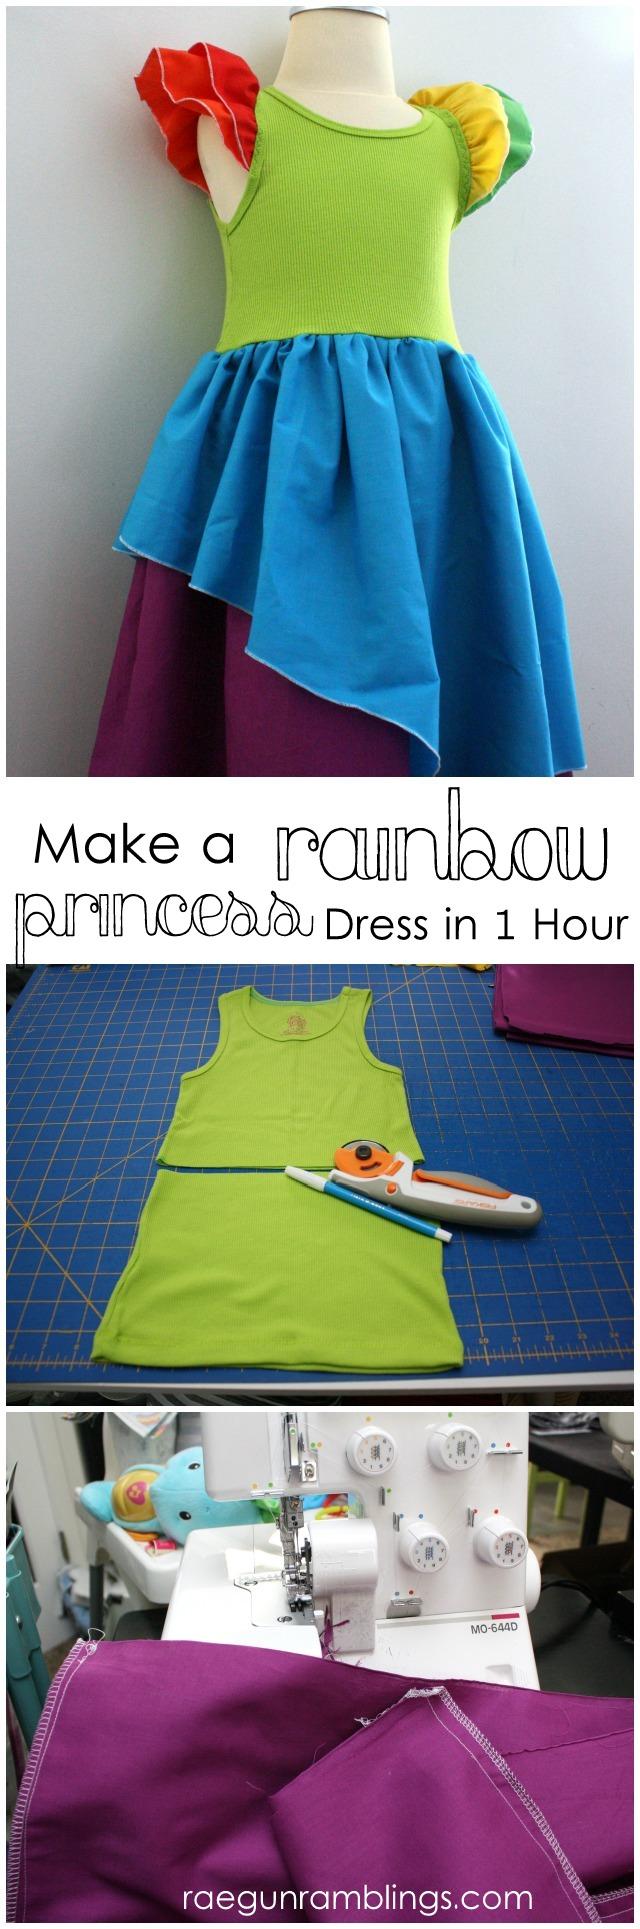 DIY Rainbow Dress Tutorial - Rae Gun Ramblings